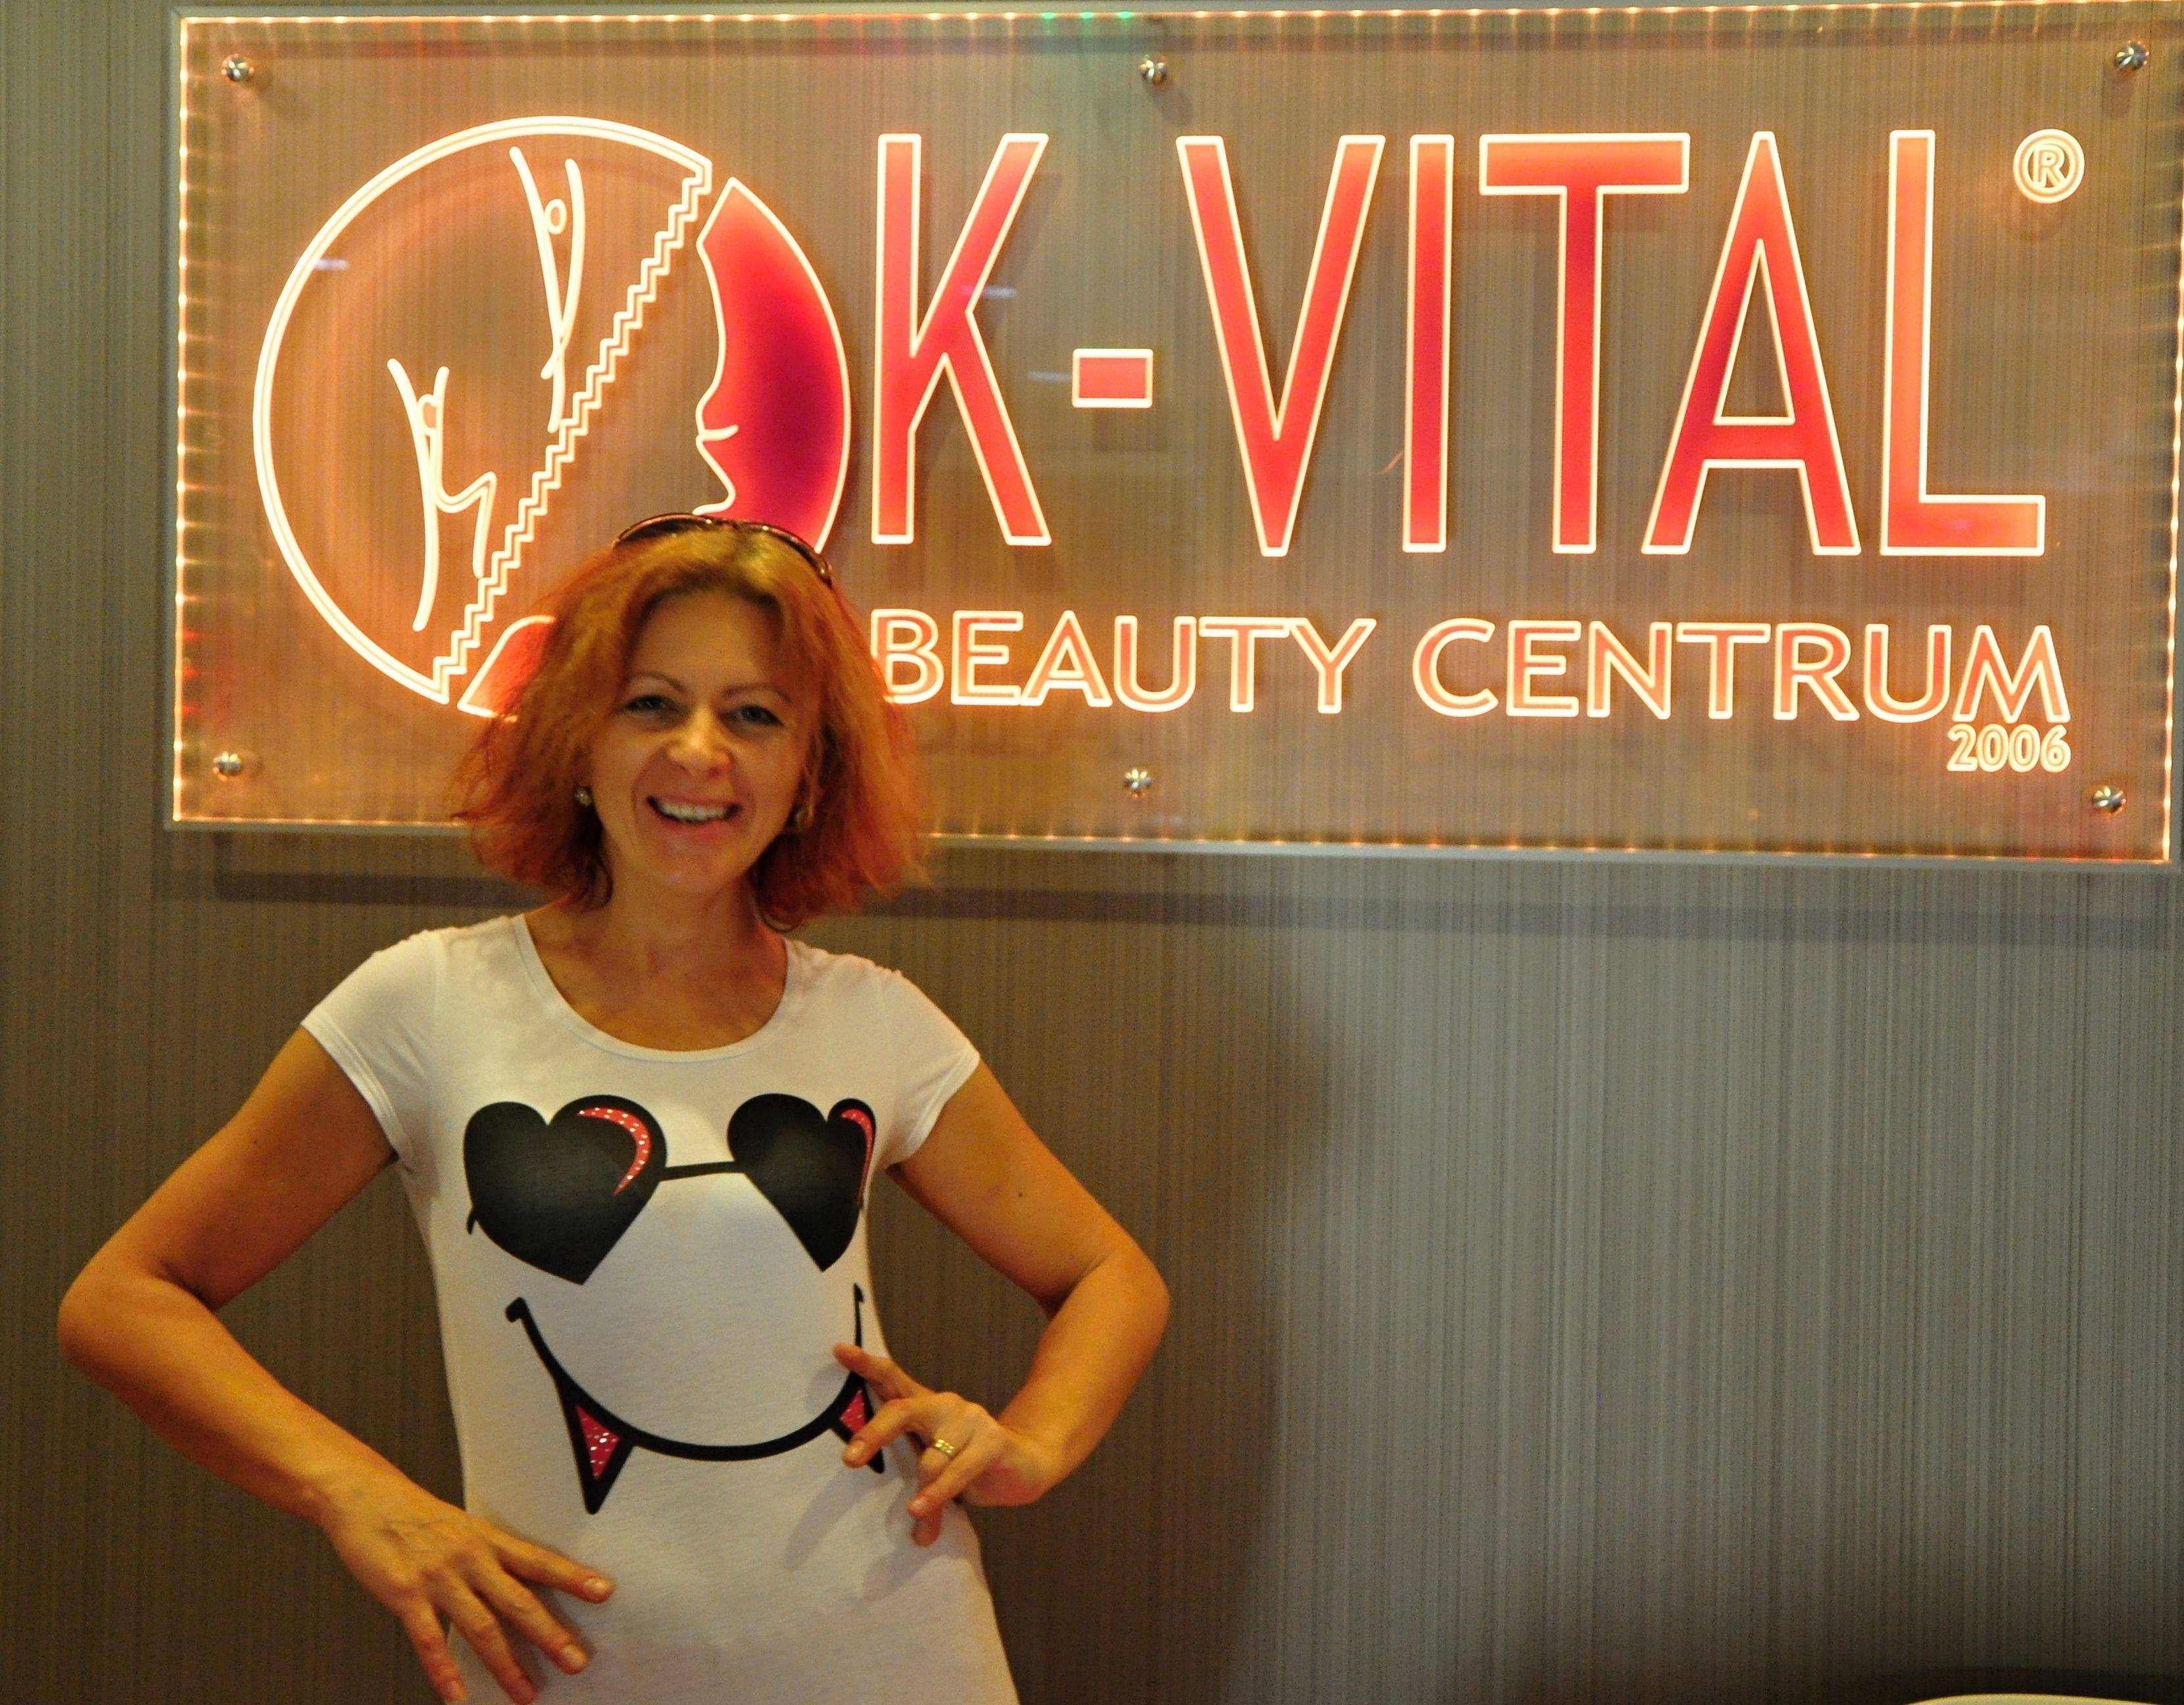 Ľudka Štefaňáková -8kg, -24cm / 5mesiacov  ...http://k-vital.sk/ludka-stefanakova/